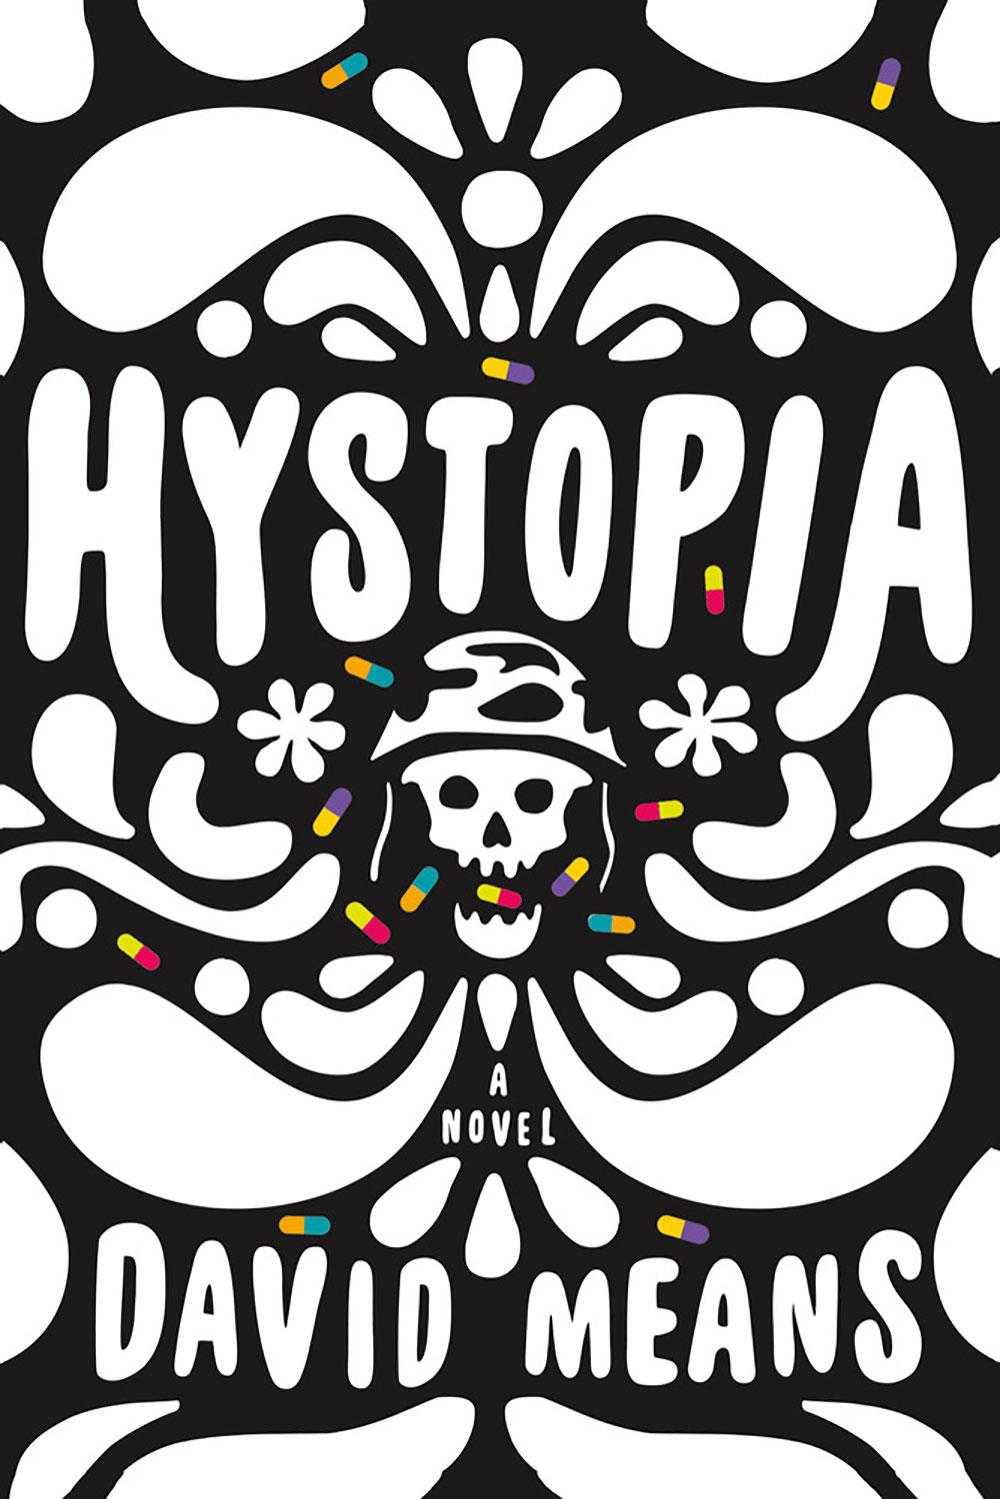 Hystopia David Means cover